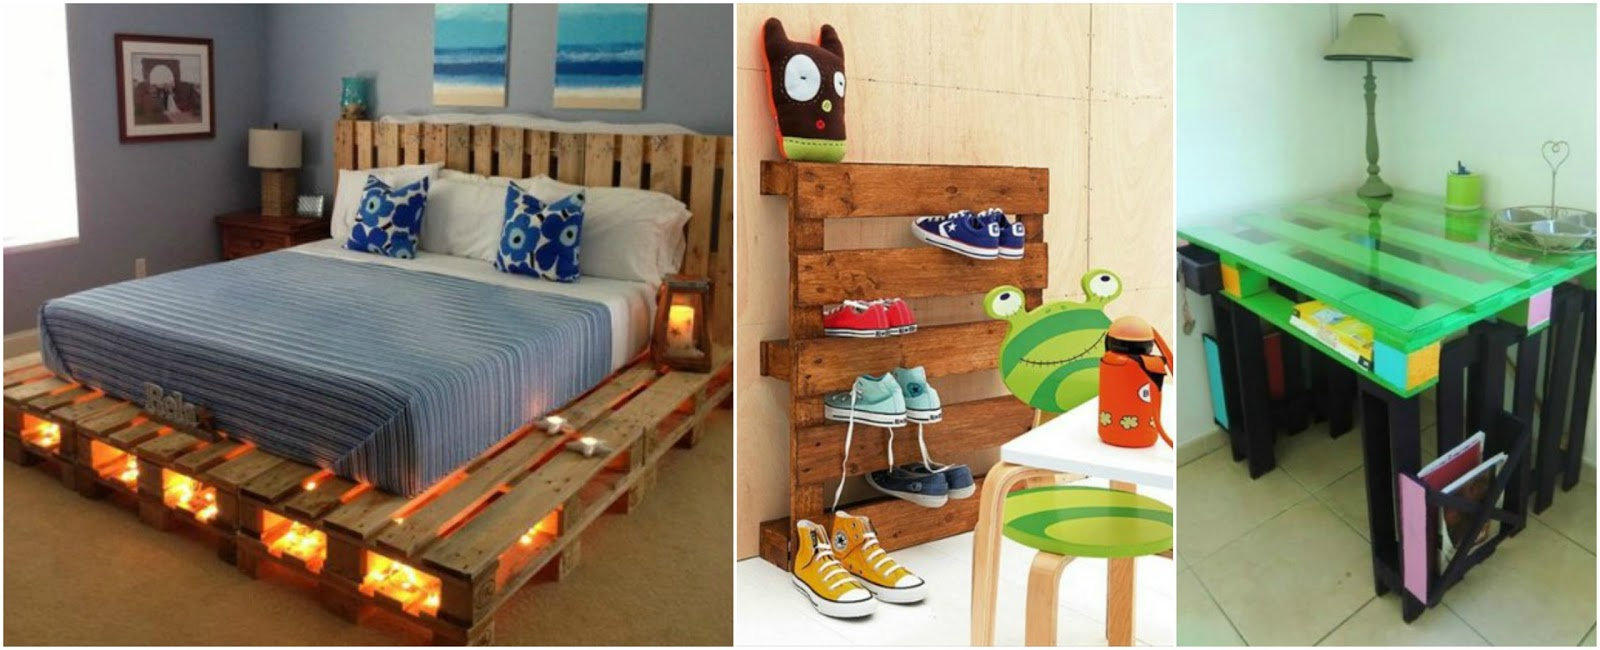 Aprende c mo hacer sillones y camas con palets reciclados for Reciclado de palets sillones